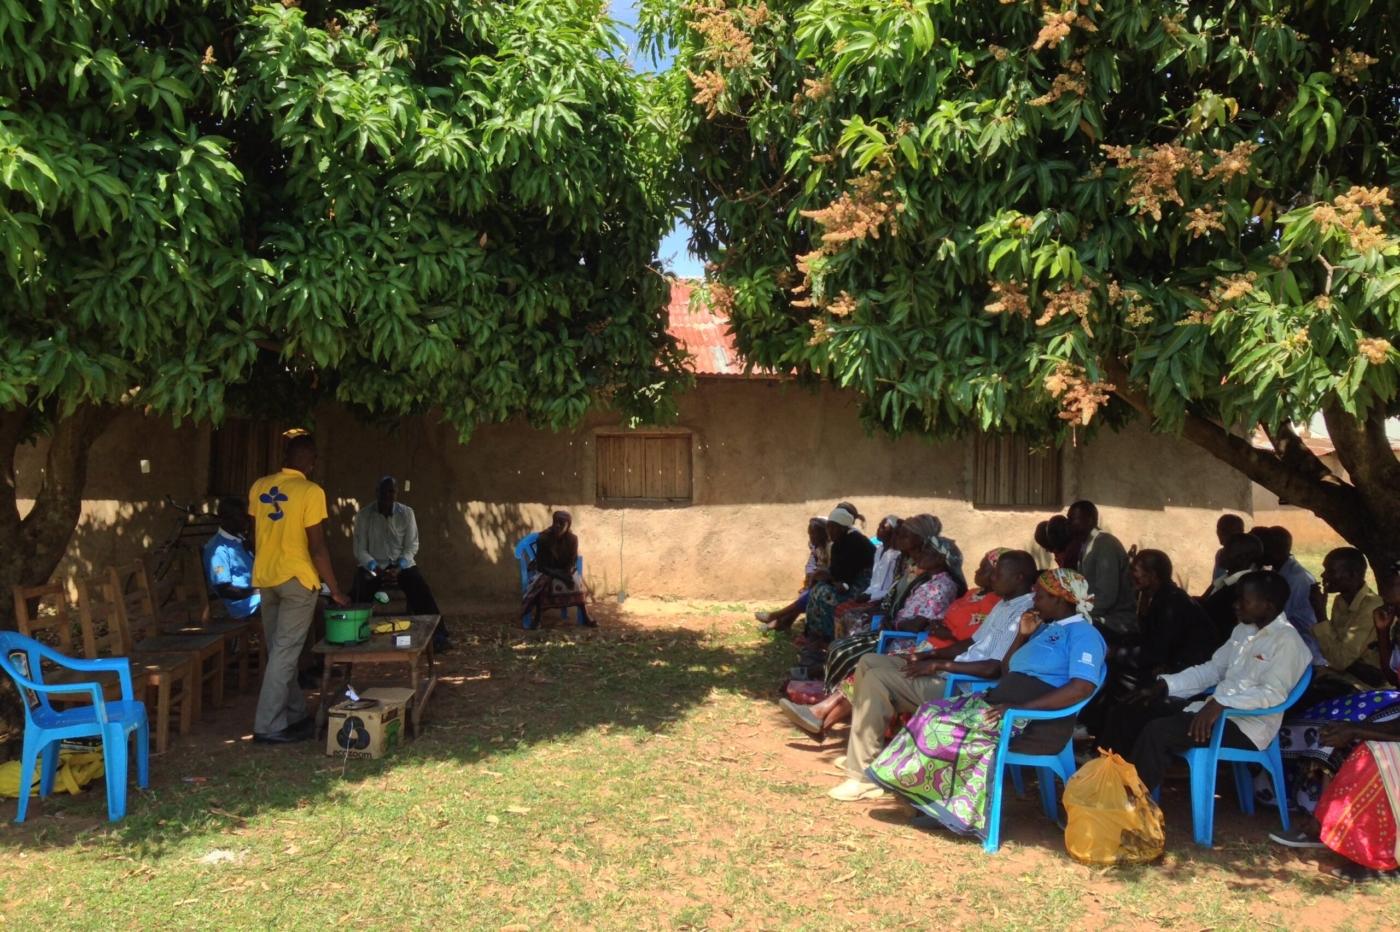 To the doorsteps of rural Kenya